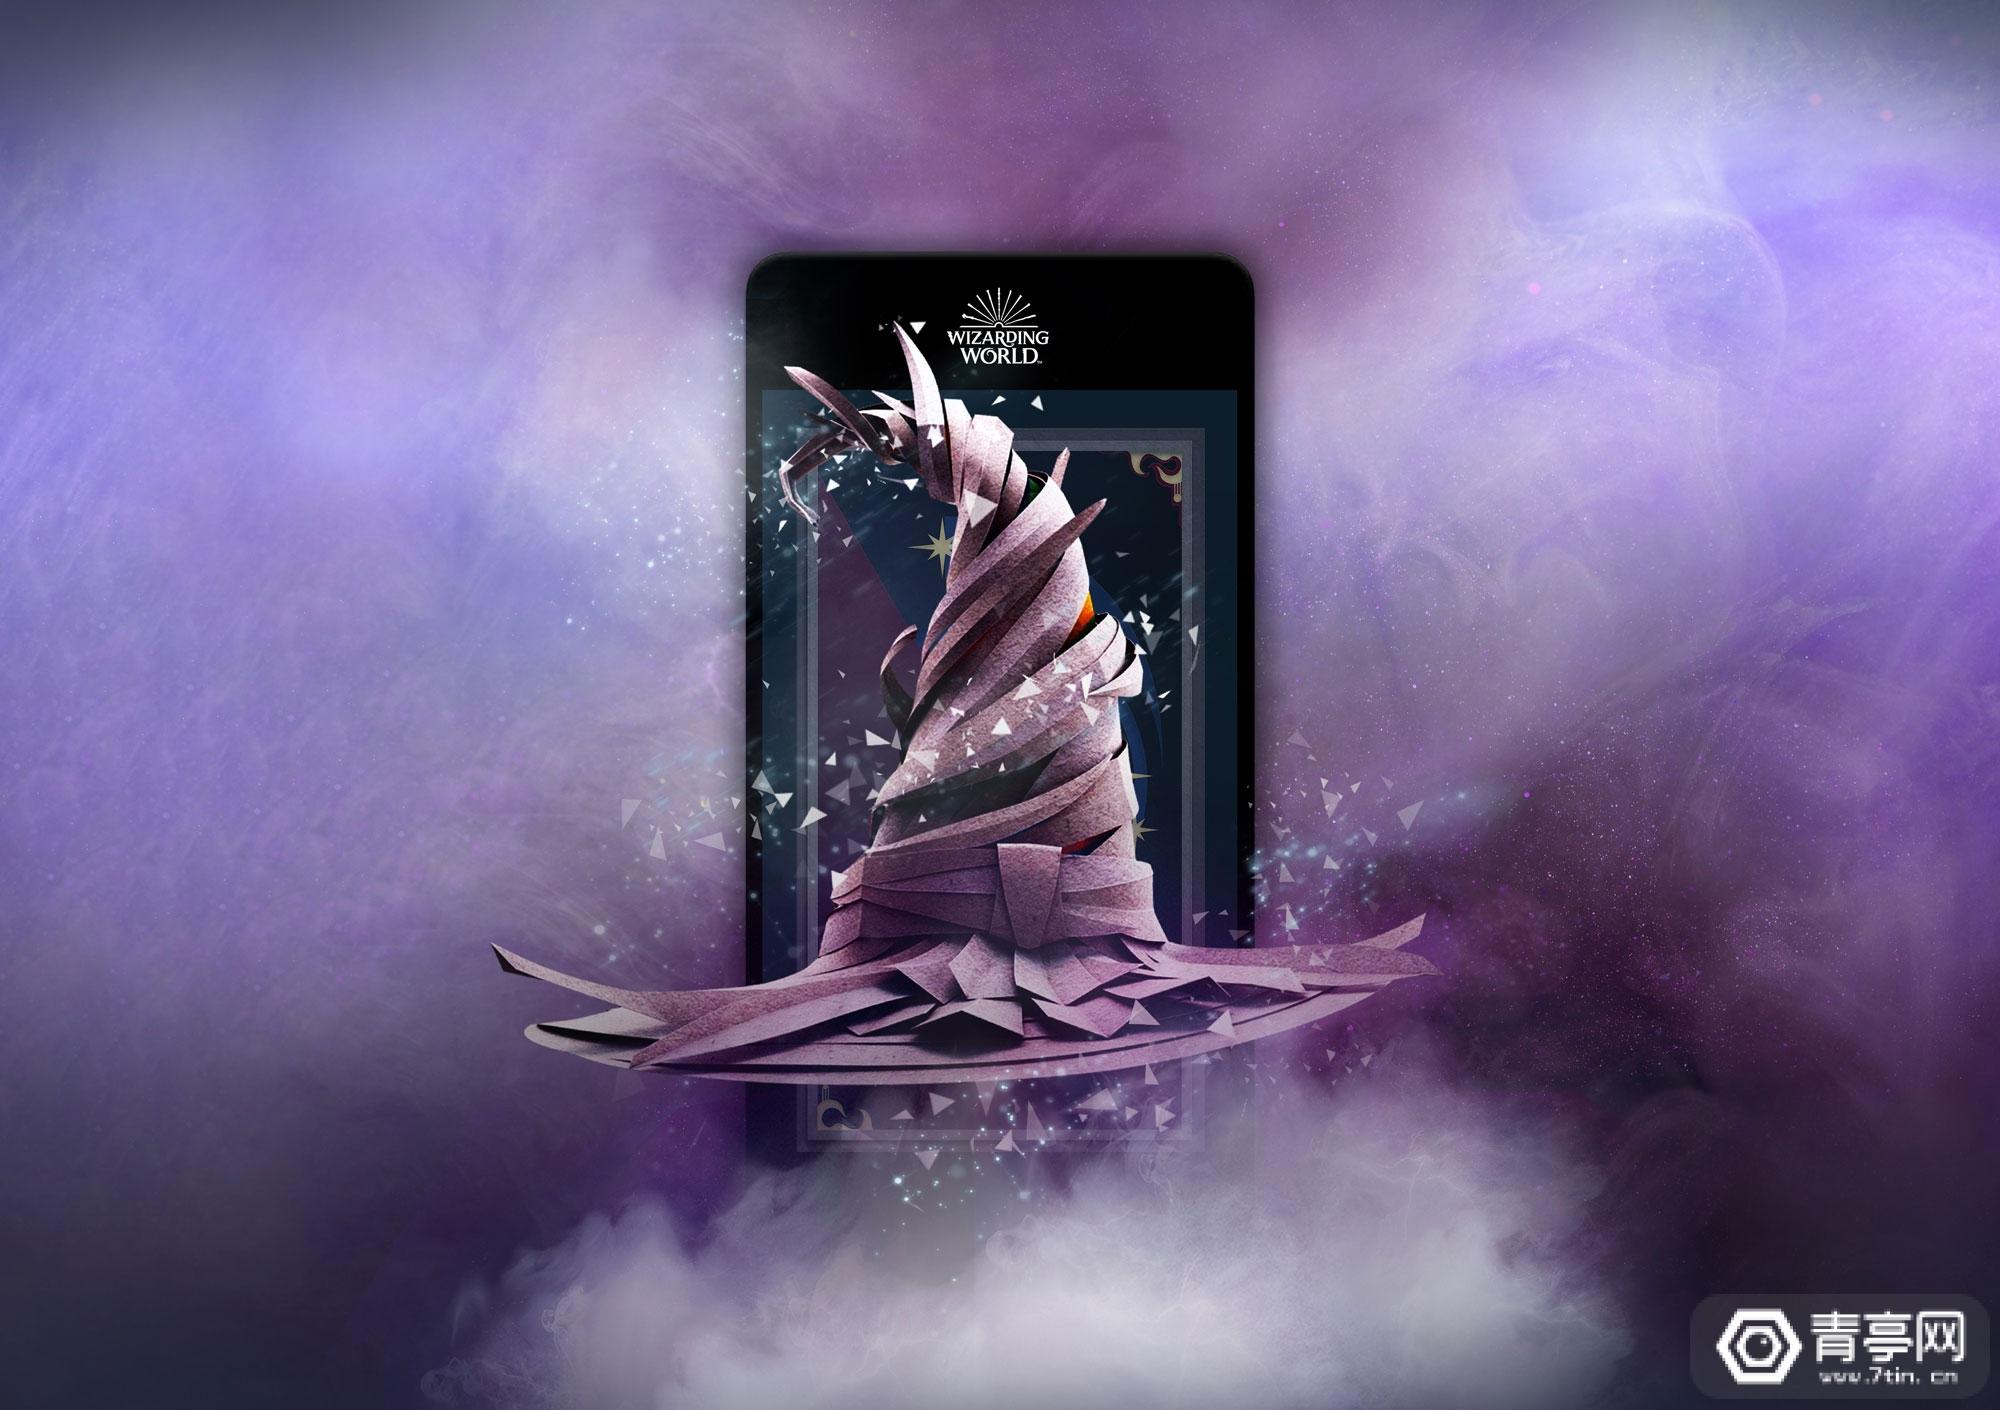 哈利波特官网推《Wizarding World》app,加入AR分院玩法